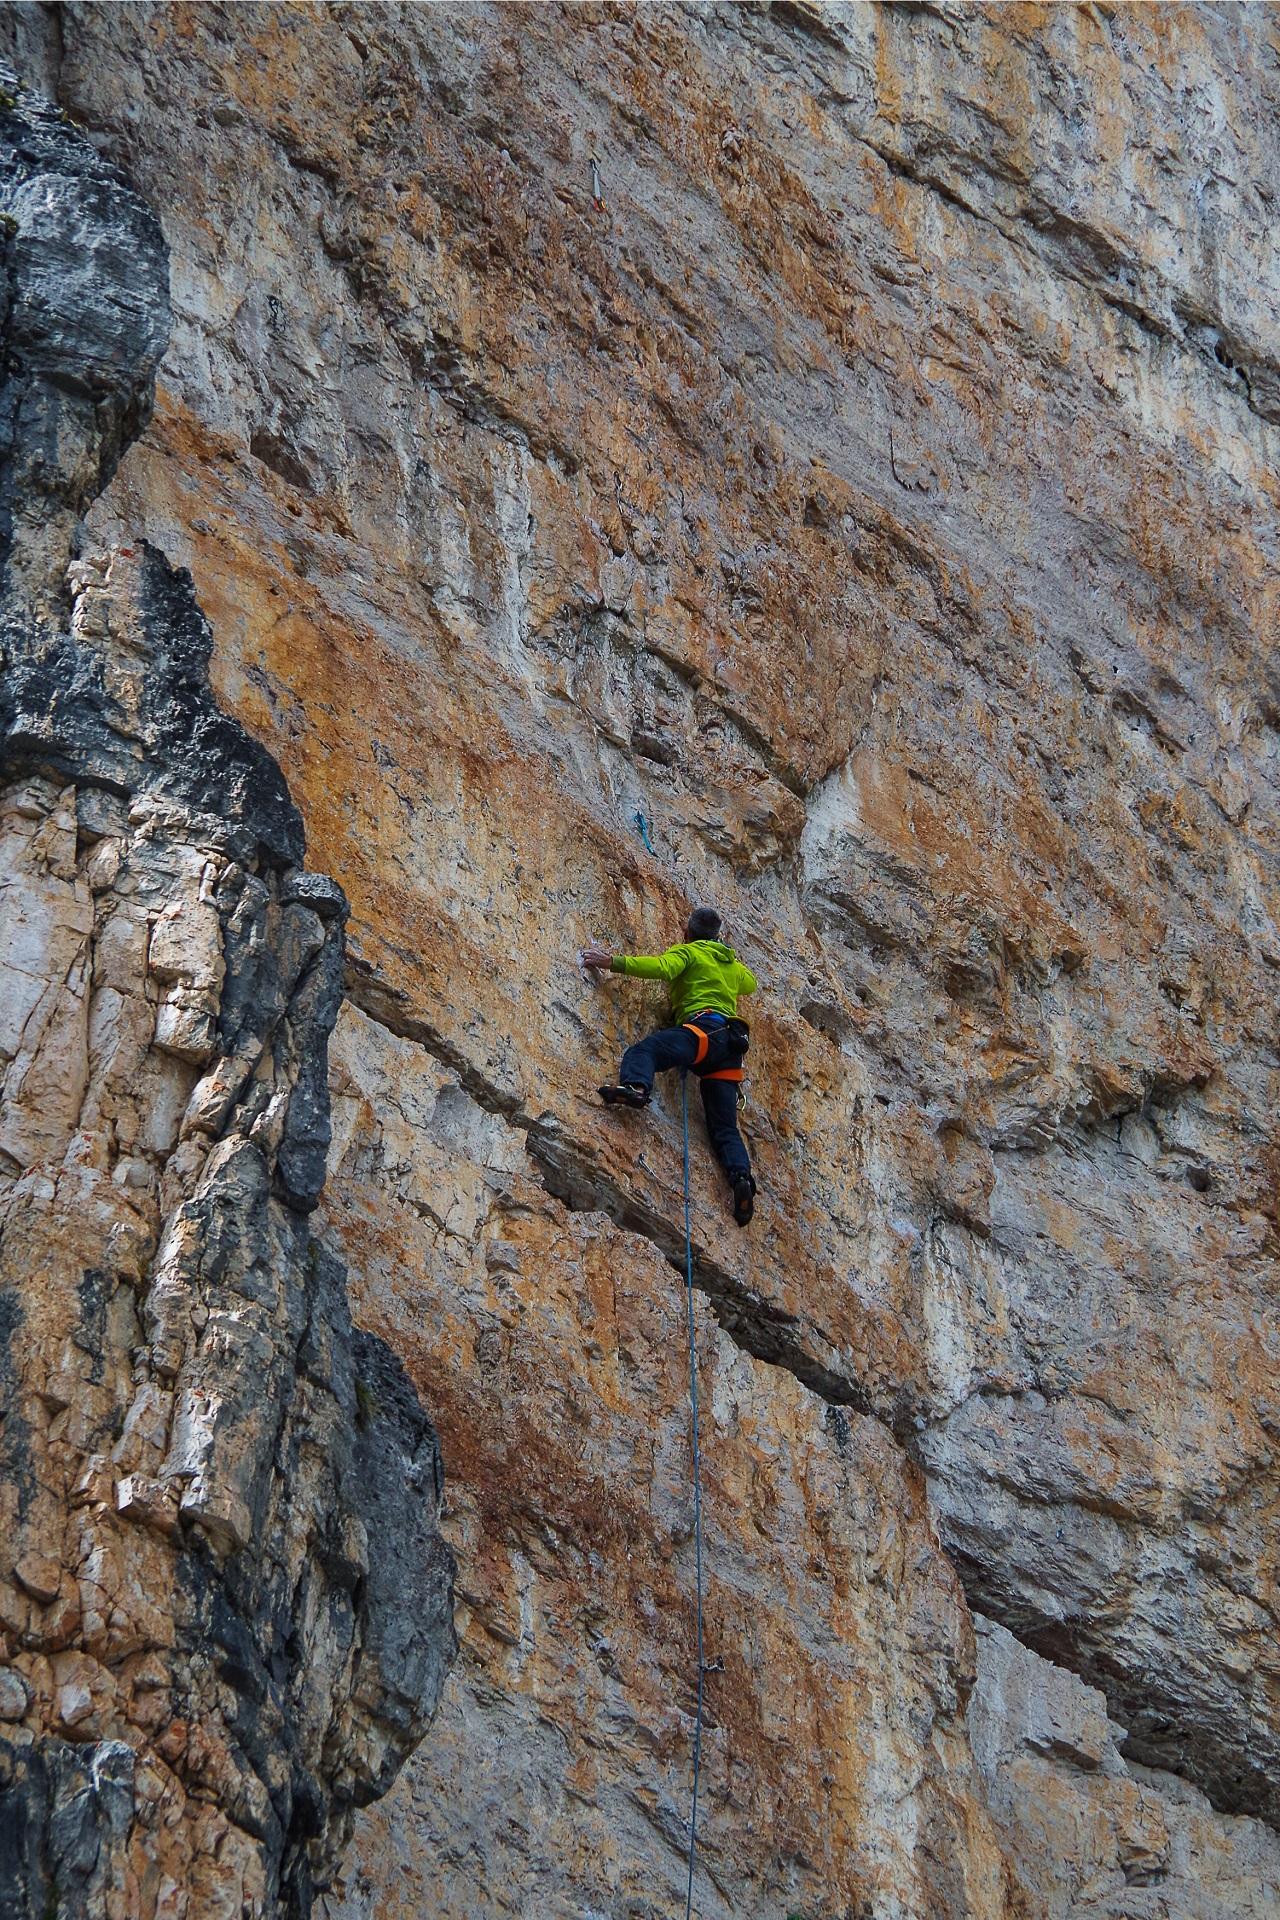 Na bezpieczeństwo podczas wspinania ma wpływ bardzo dużo czynników - na przykład miejsce, w jakim zamierzamy się wspinać.